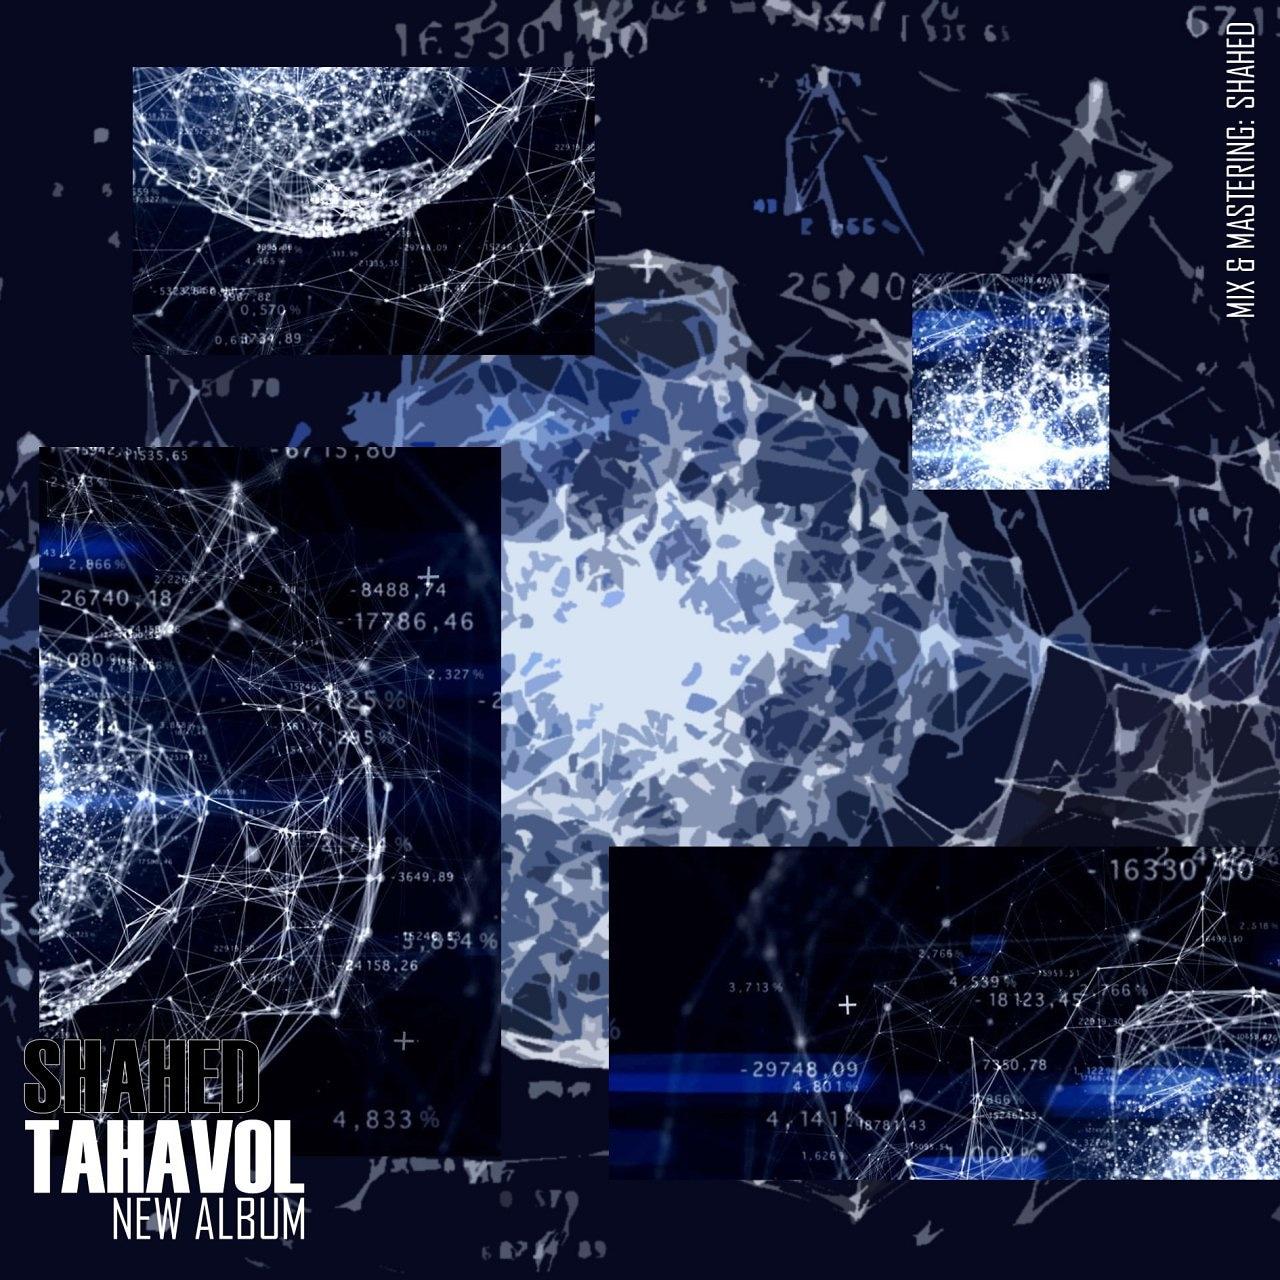 دانلود آلبوم جدید شاهد (مرصاف) به نام تحول